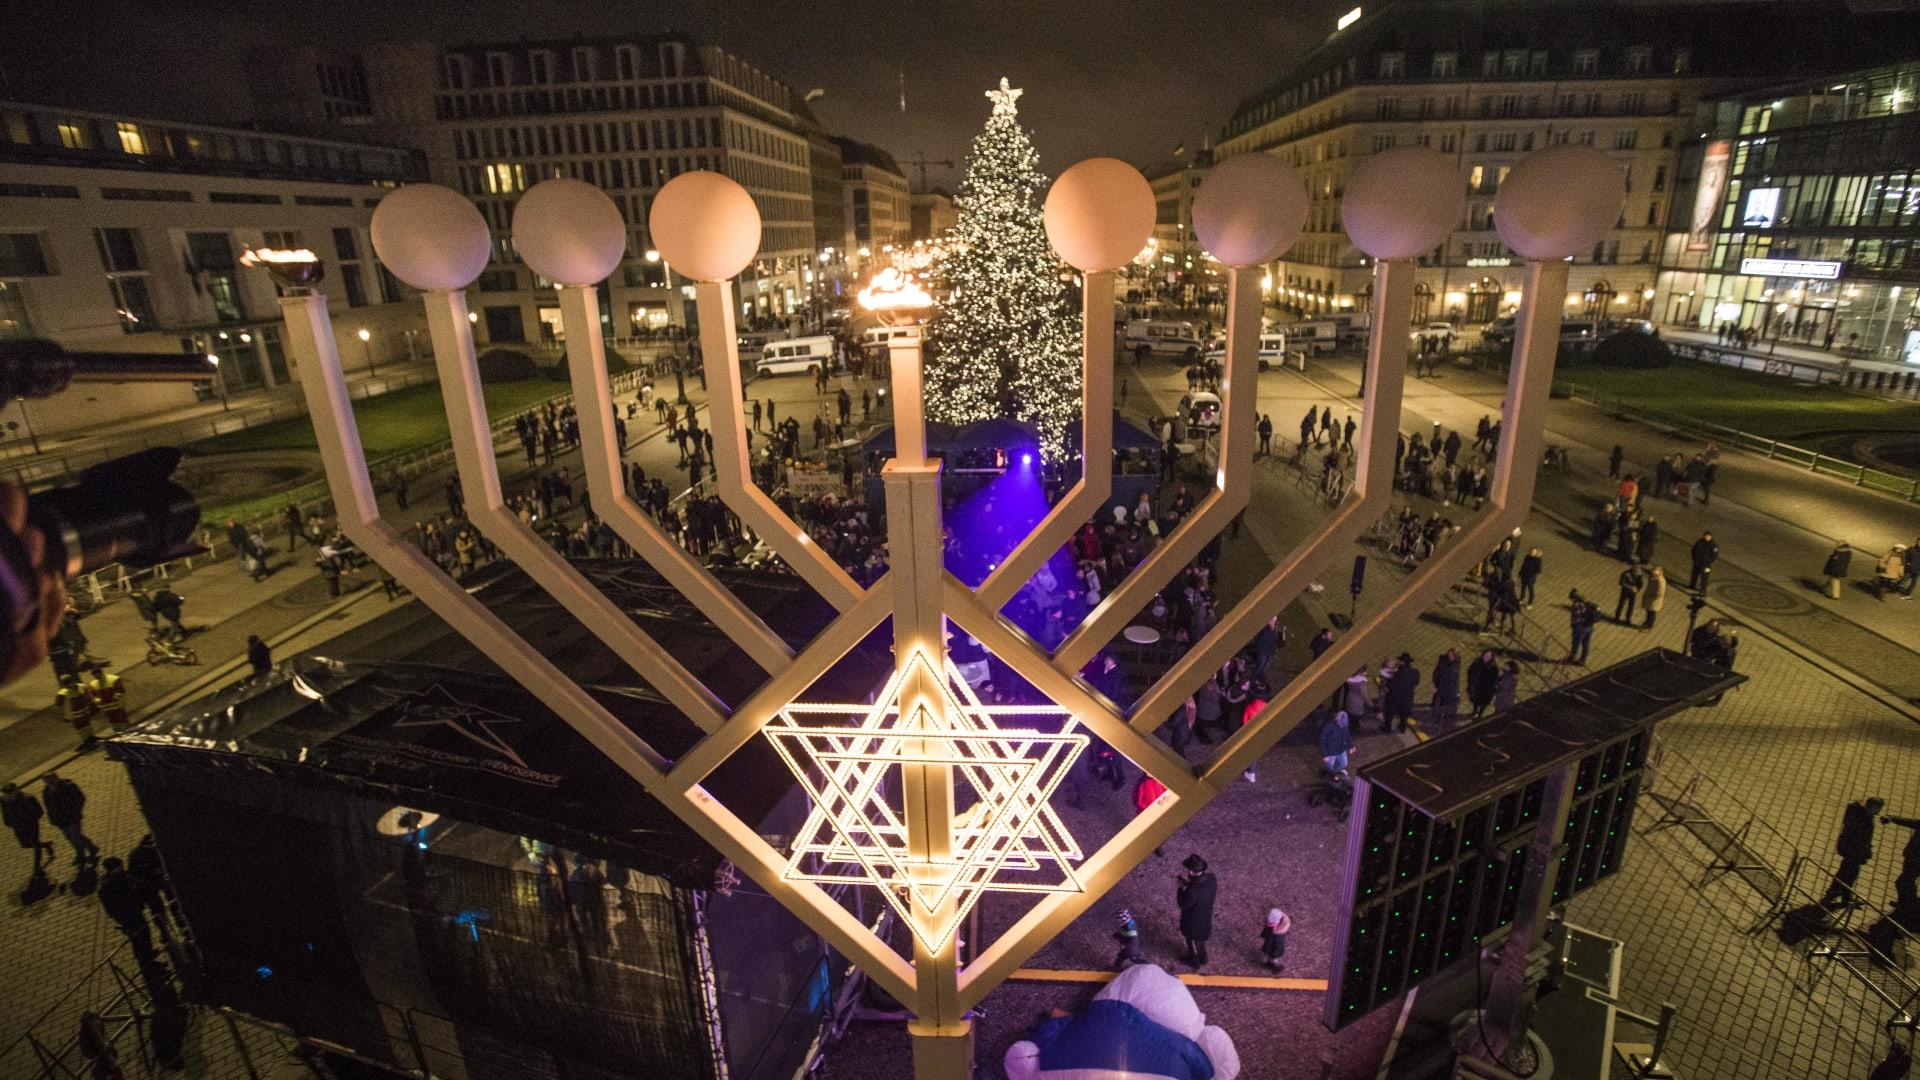 """بالفيديو: ماريجوانا """"موافقة للشريعة"""" اليهودية ونباتات جديدة مهجنة.. هل تقود إسرائيل صناعة الحشيش الطبي بالعالم!"""